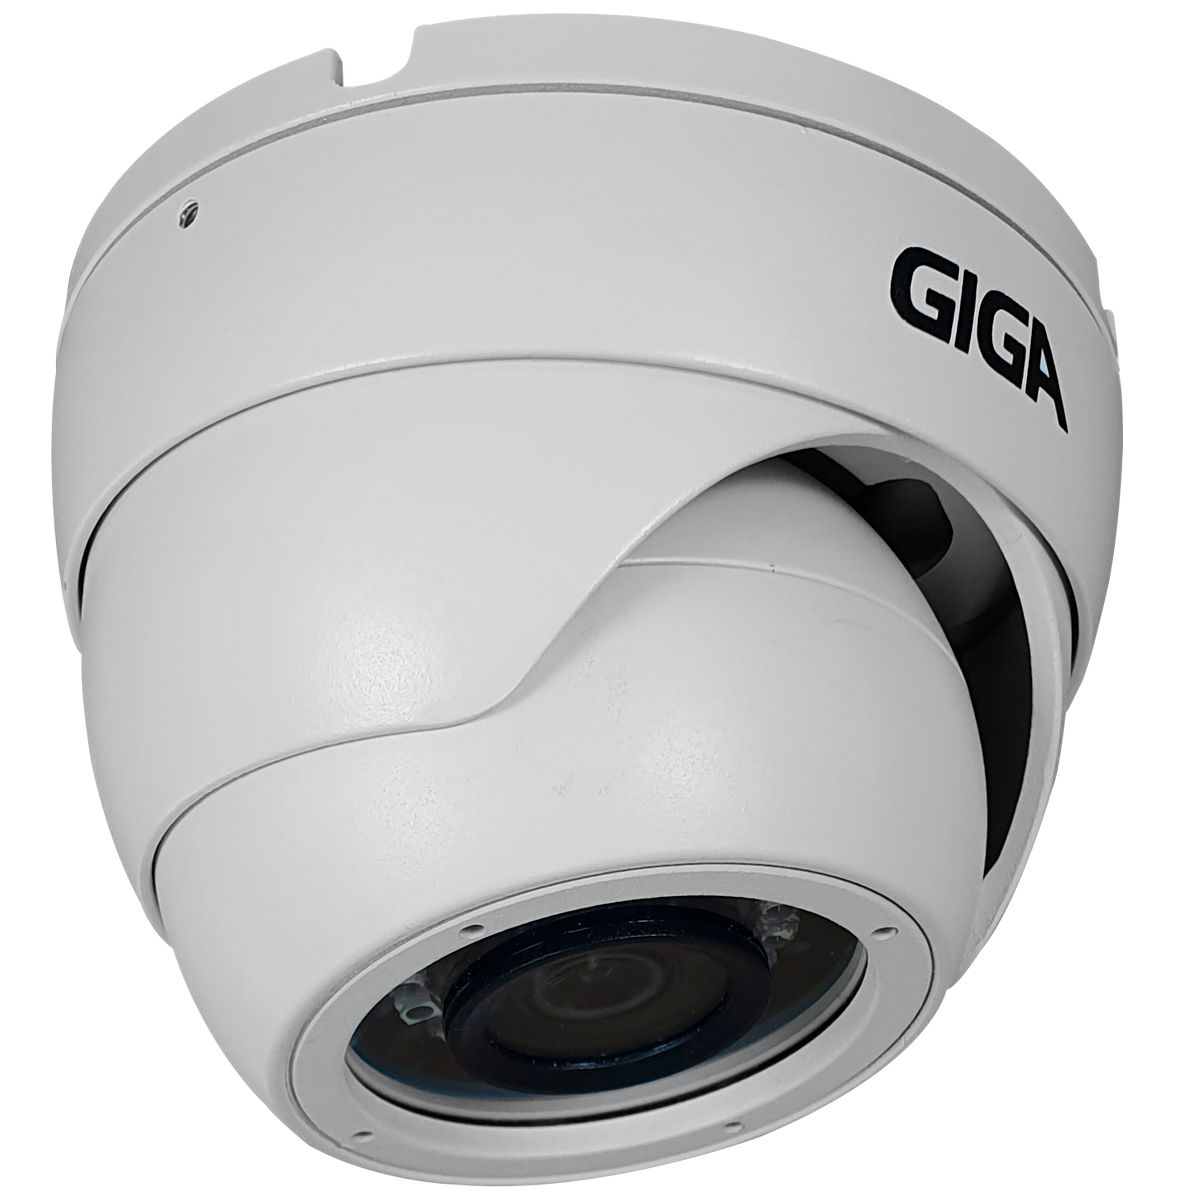 Câmera Full HD 1080p Giga Security GS0272 Orion, 2MP, Infravermelho 30 metros, 4 em 1 HDCVI, HDTVI, AHD, ANALÓGICO  - Tudo Forte